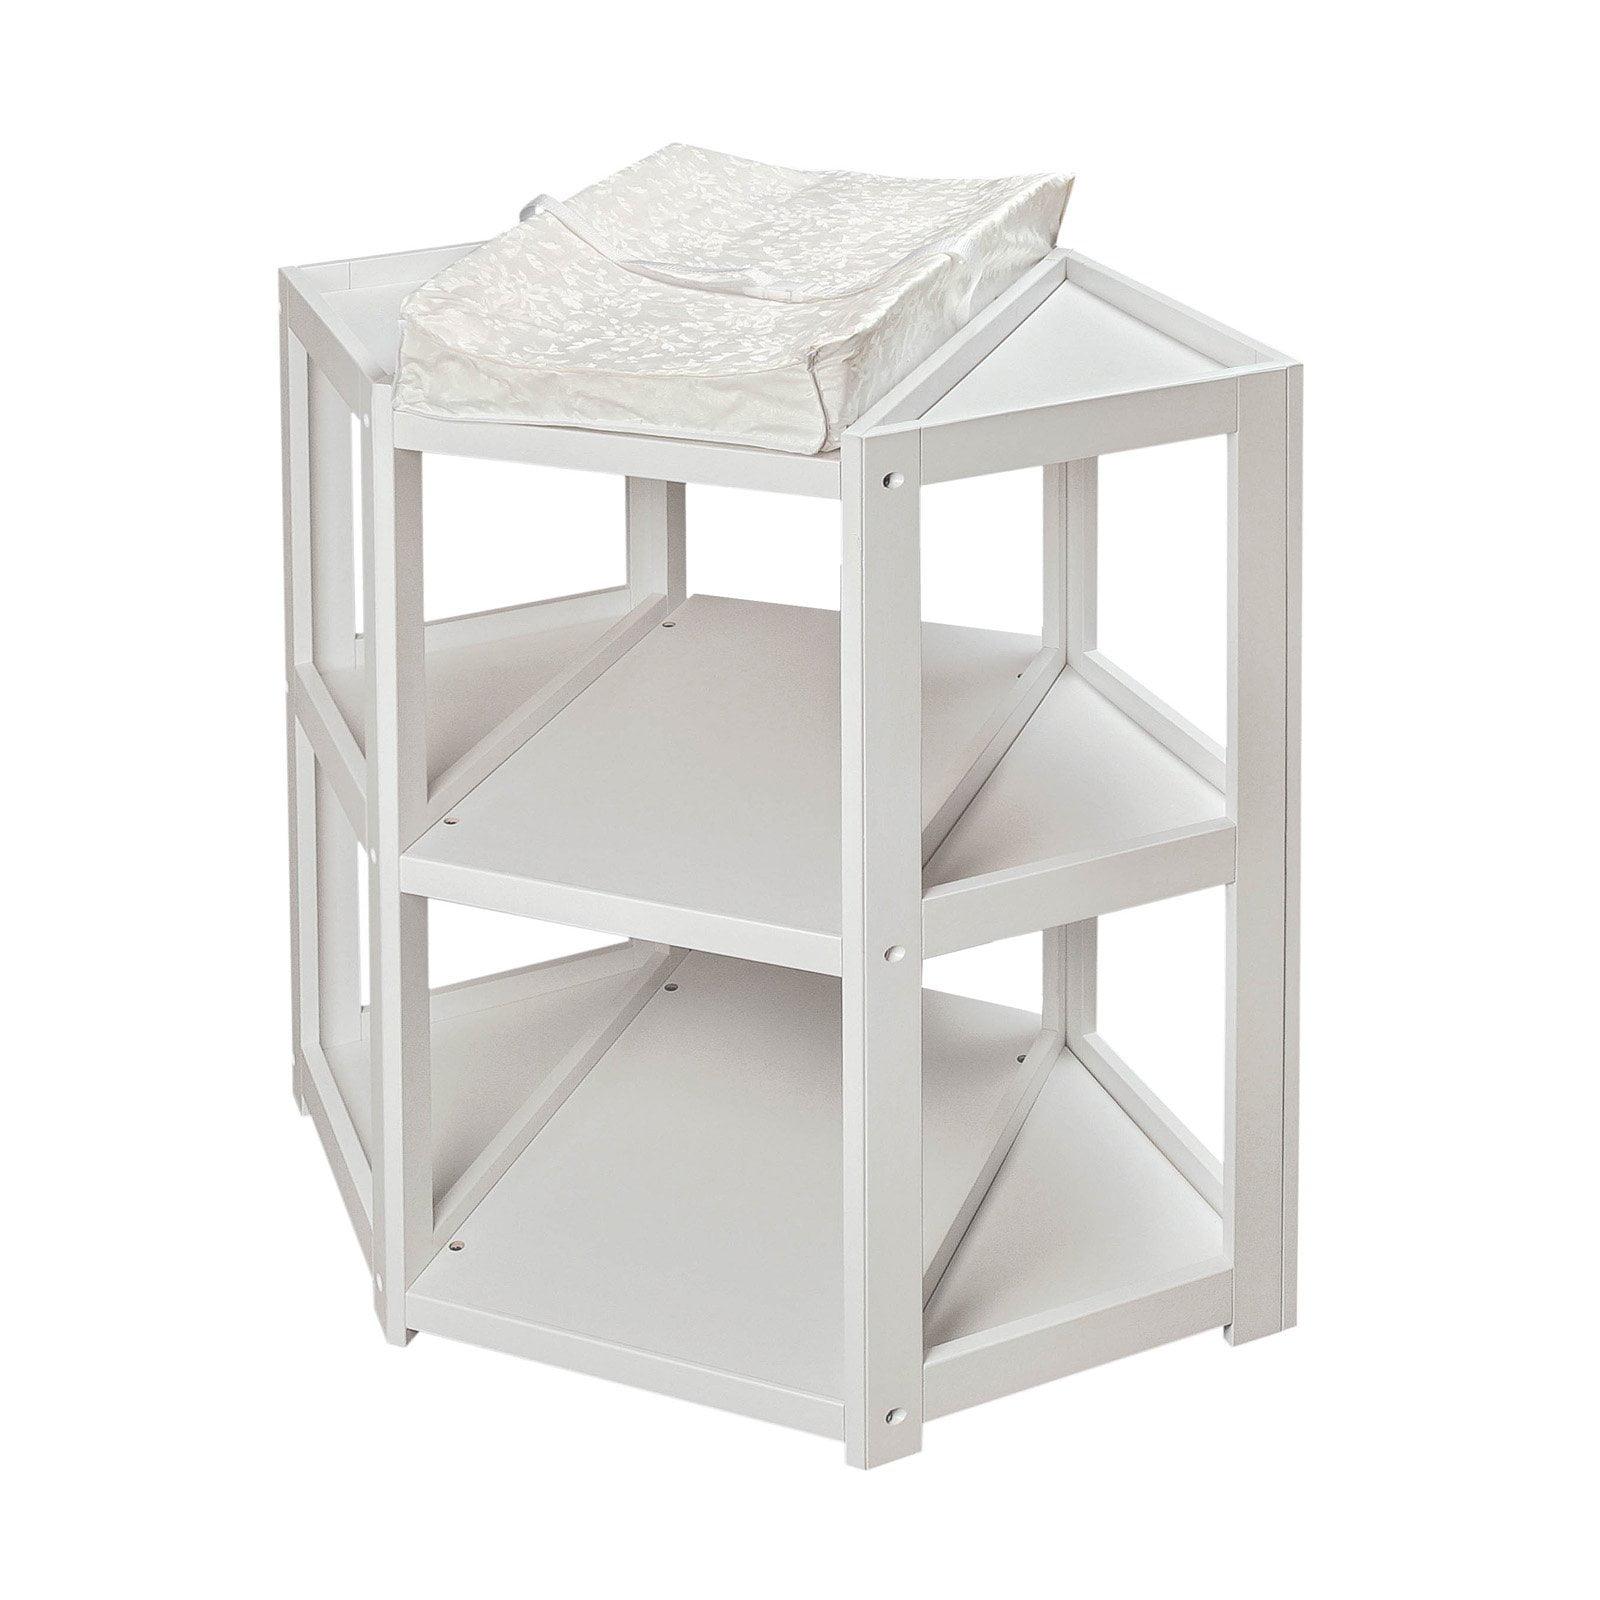 Badger Basket Diaper Corner Changing Table White by Badger Basket